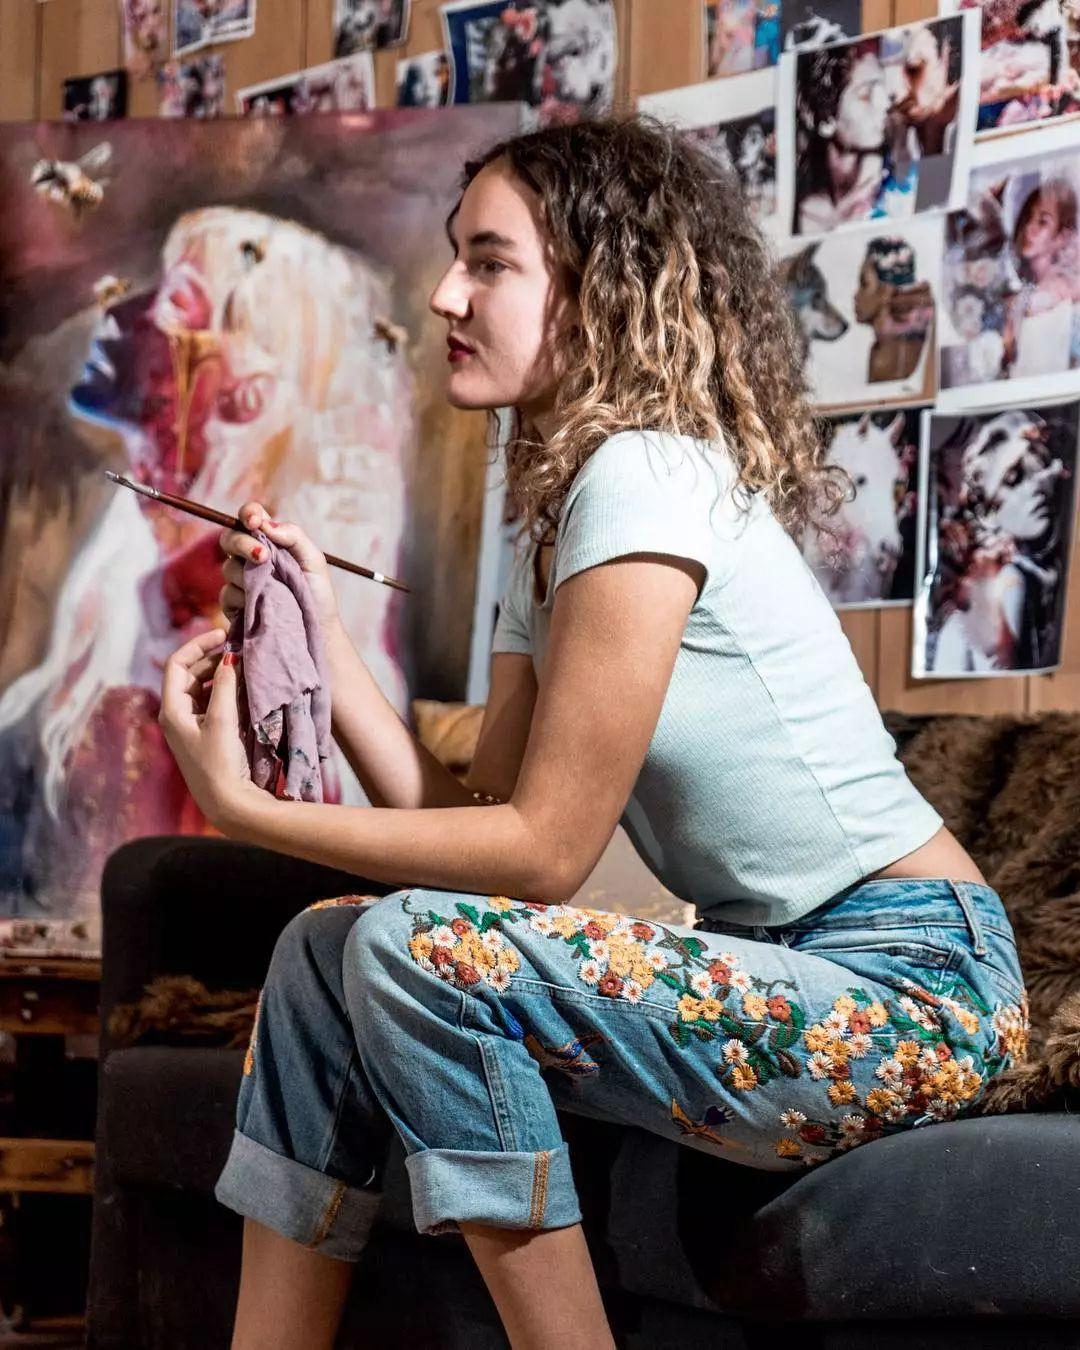 她没上过美院,画作却被世界各地的收藏家争相收藏,16岁卖画赚100万插图60